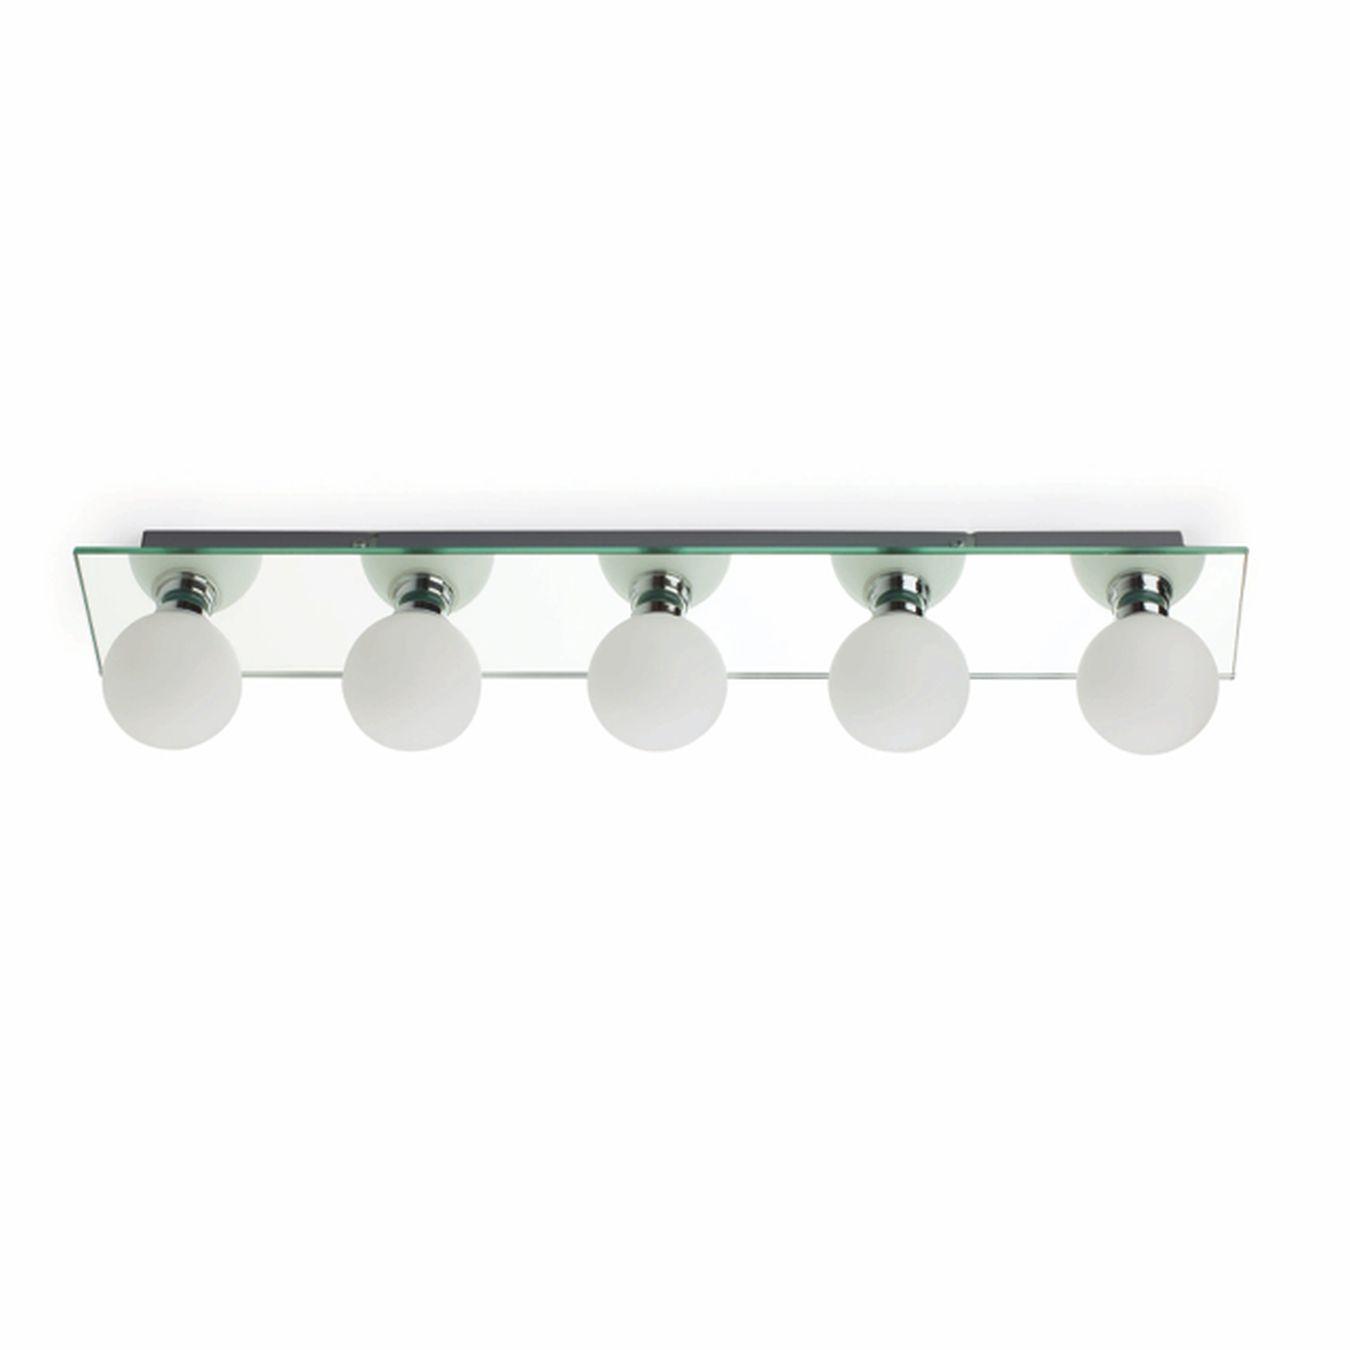 Lamparas De Baño | Lampara Para Espejo De Bano 5 Luces Iluminacion Lamparas